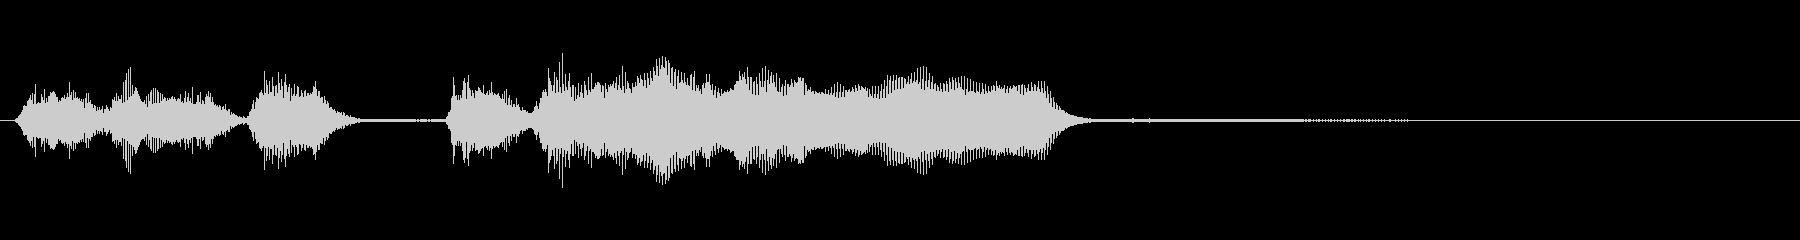 玩具系ファンファーレ-01の未再生の波形